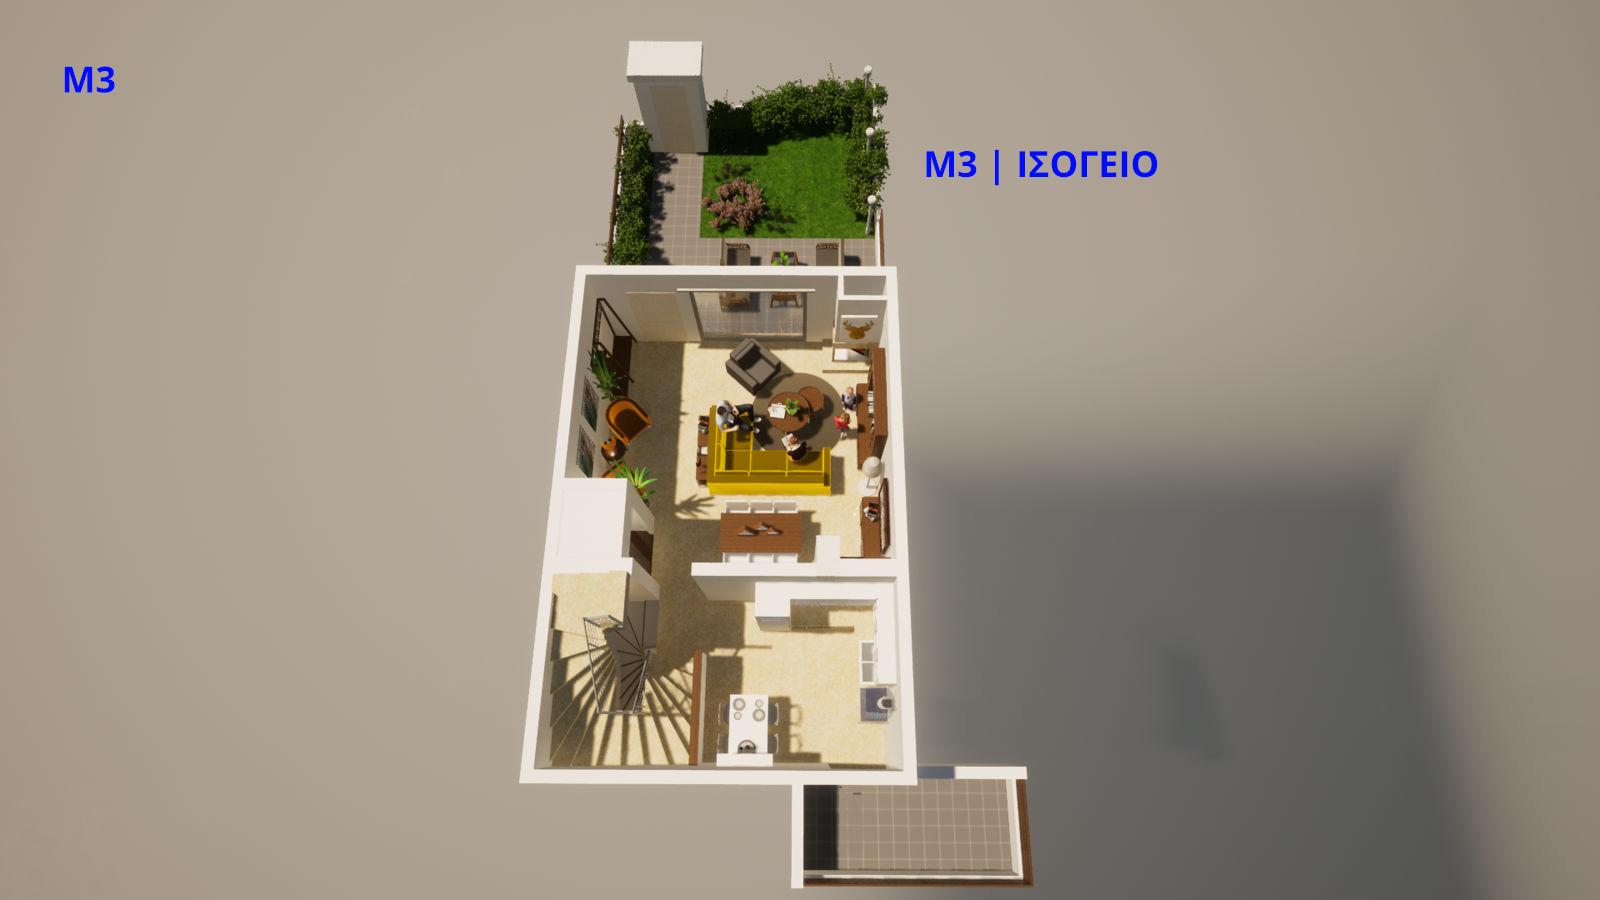 Μ3, Ισόγειο